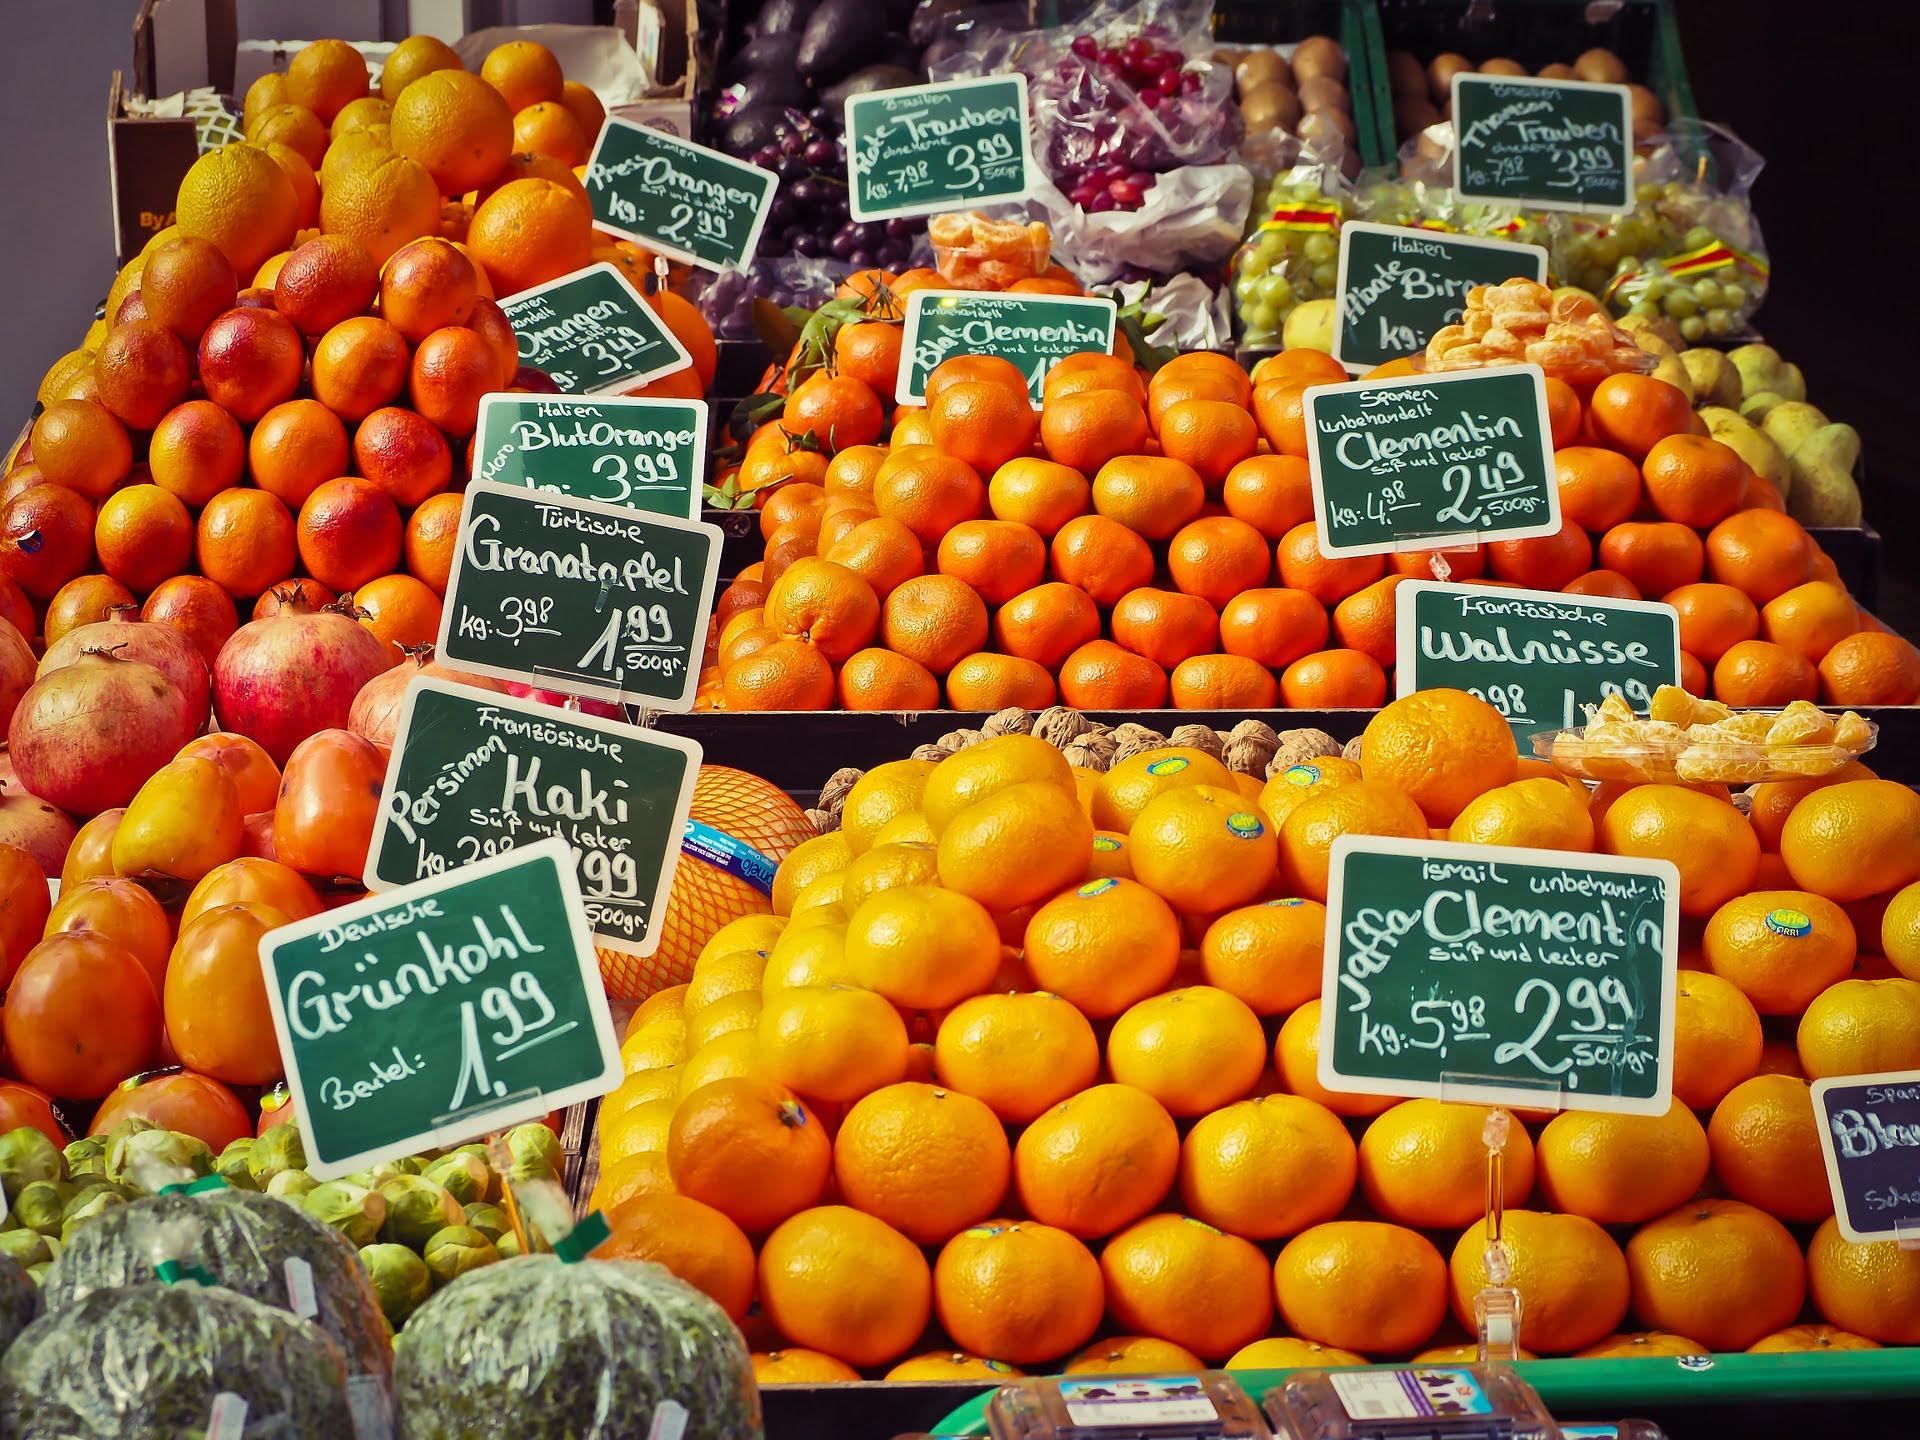 Sklep z pomarańczami (słowny znak towarowy)